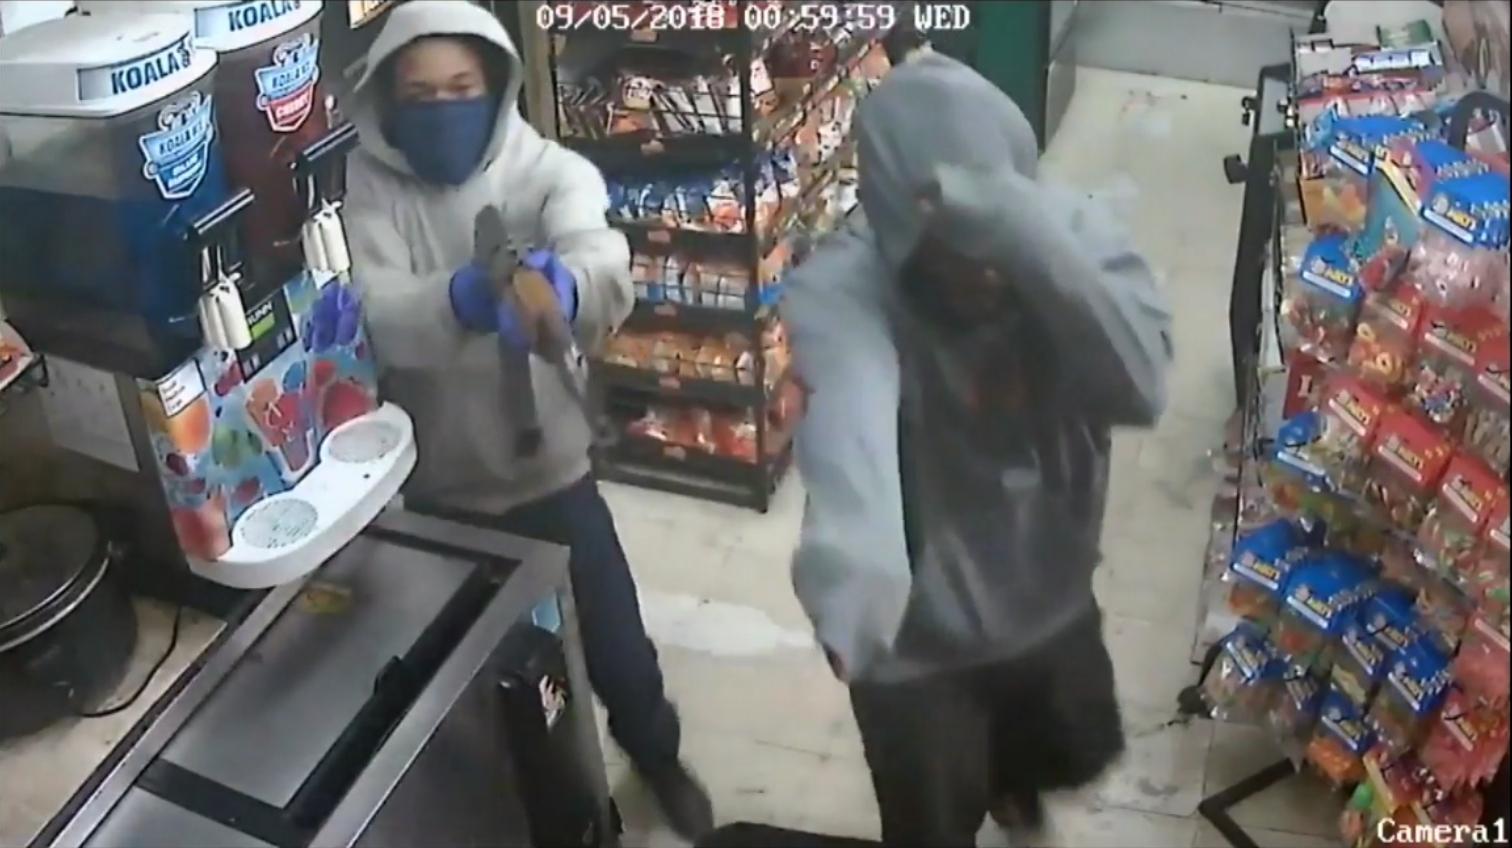 Z kałasznikowem weszli do sklepu w Miami. Policja poszukuje złodziei